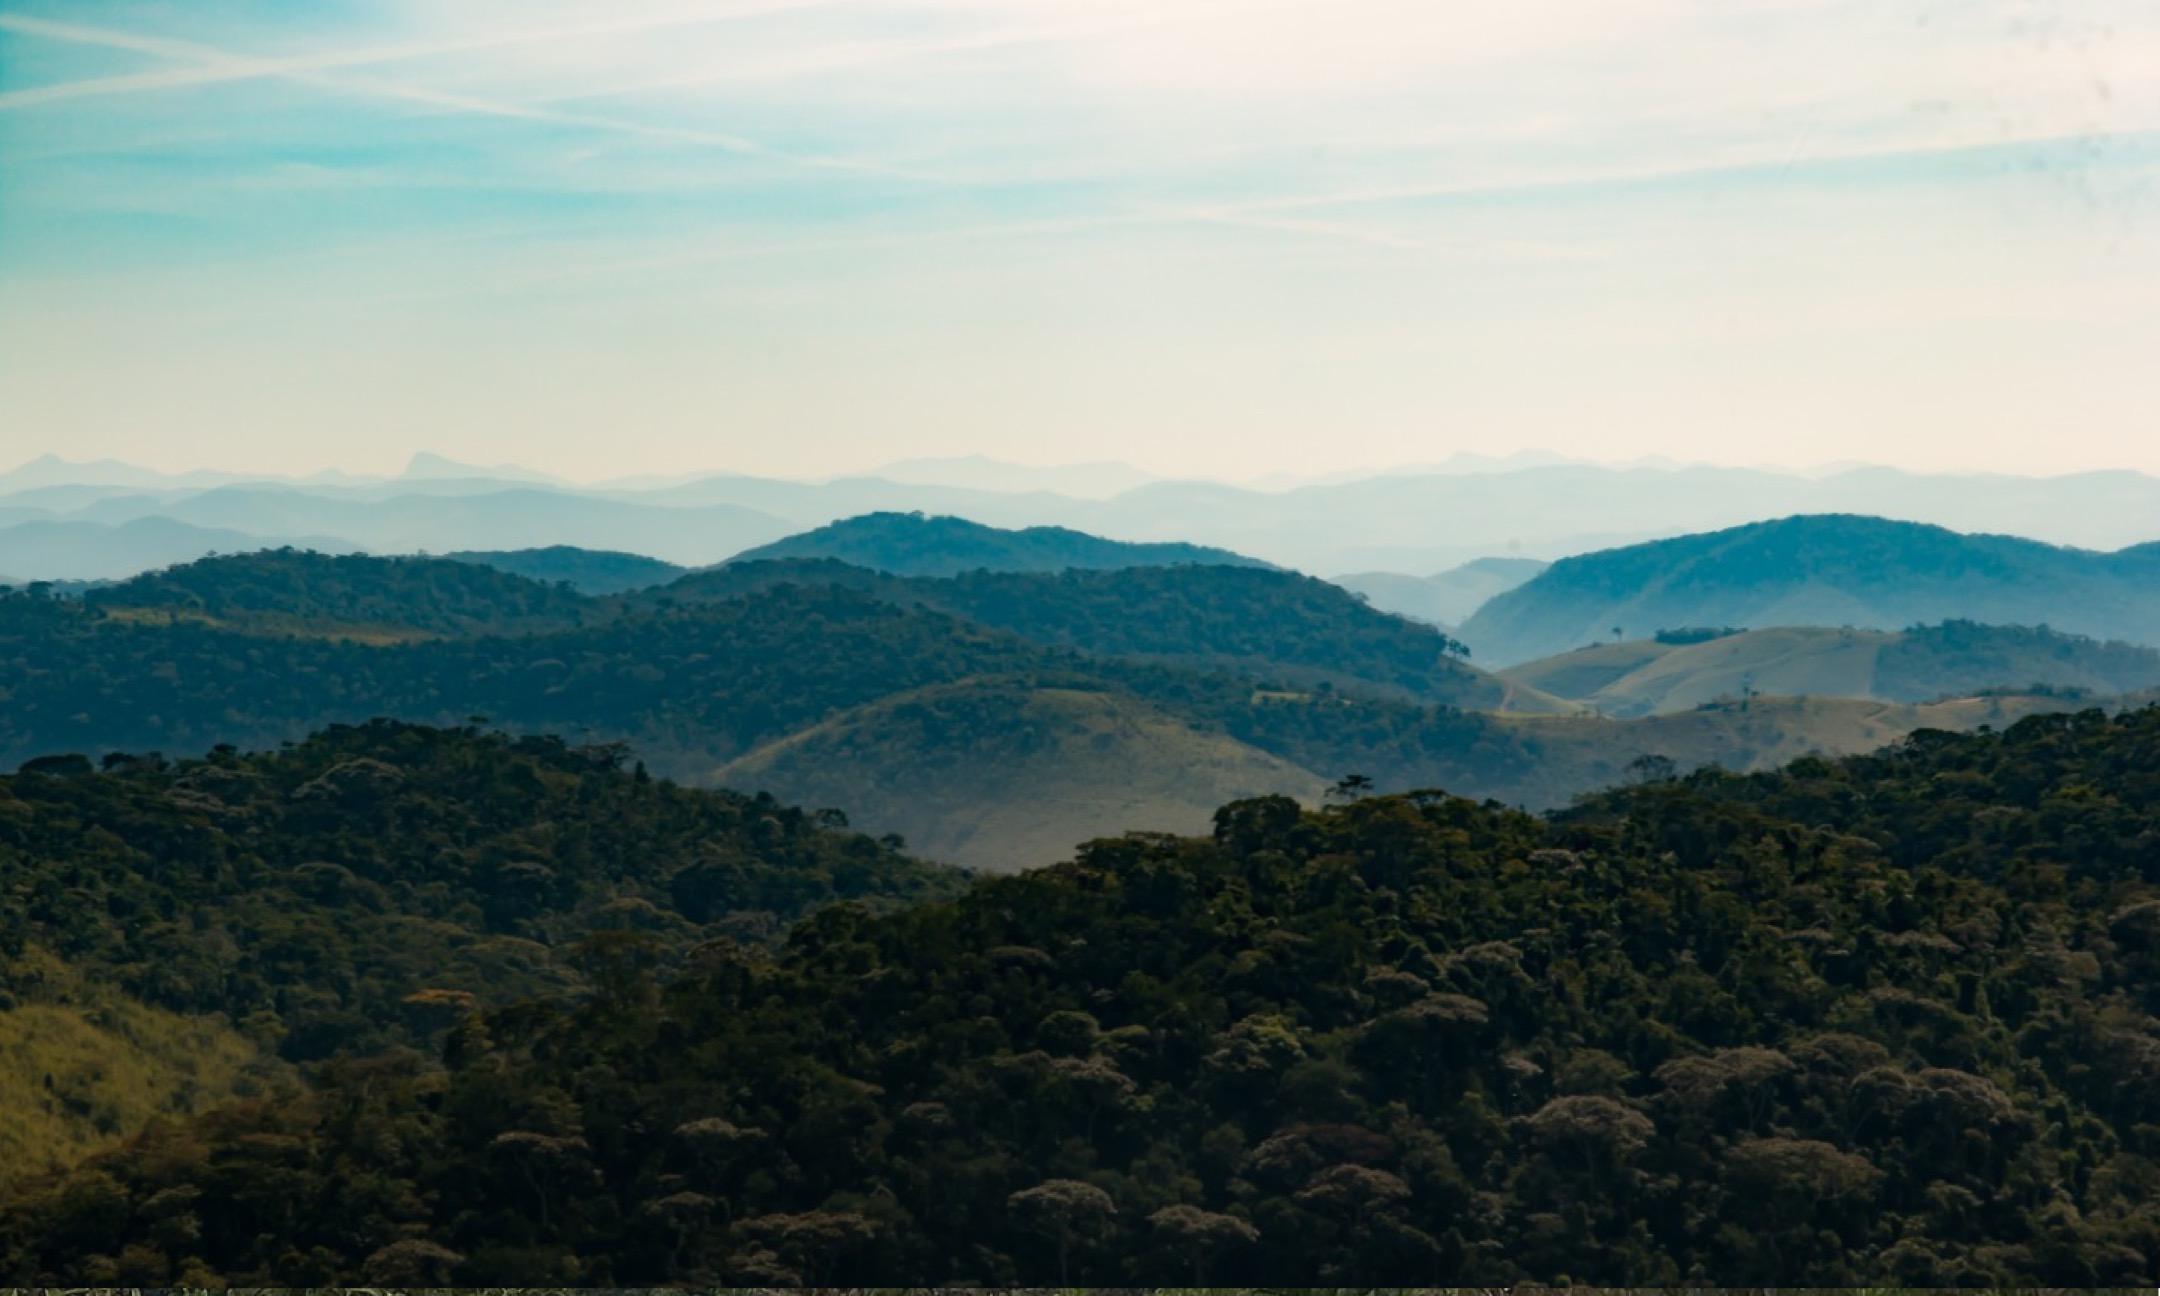 Montanhas Rio de Janeiro - Fazenda do Anil